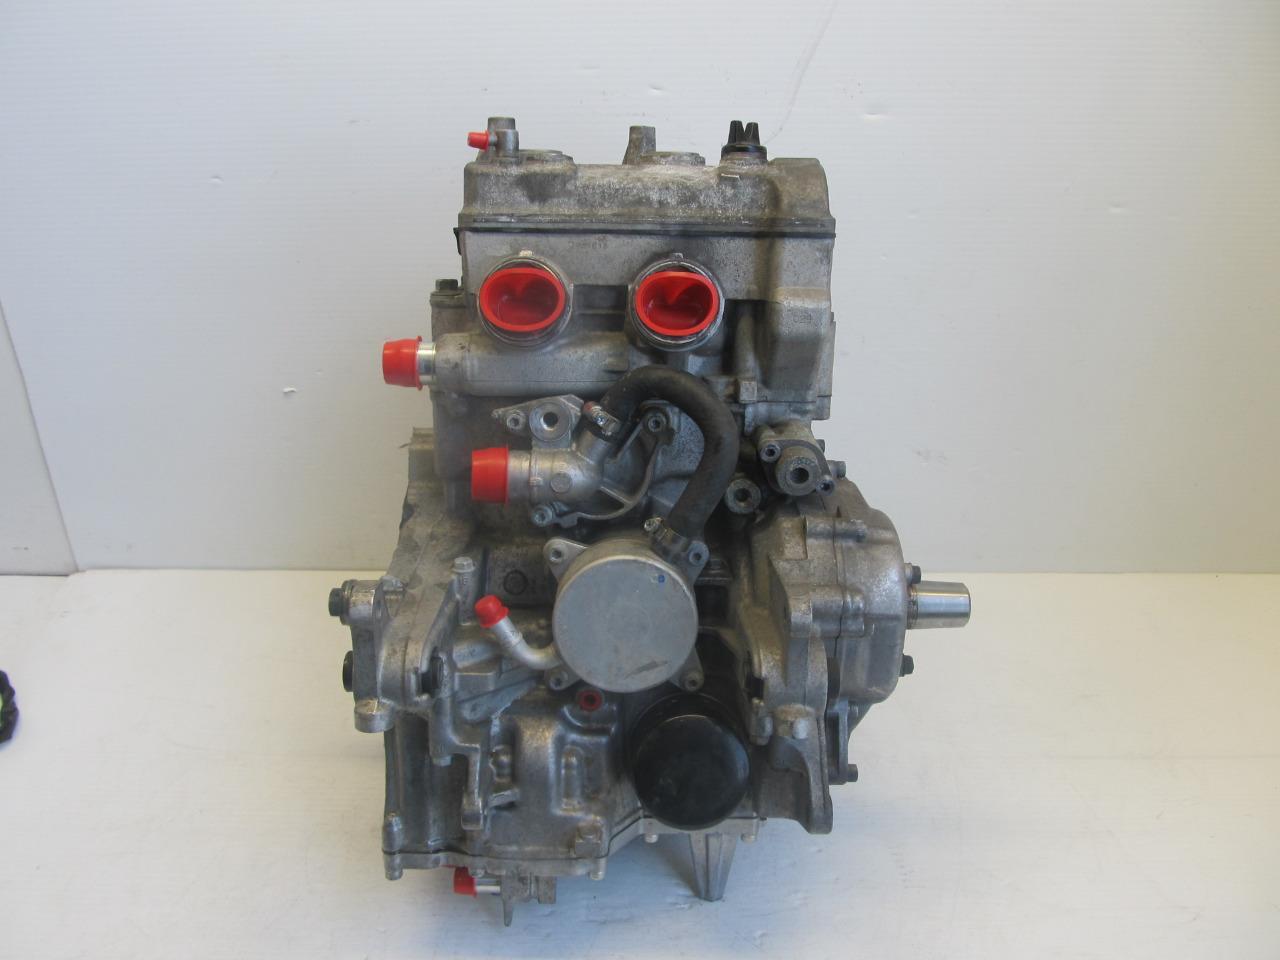 yamaha venture multi purpose надежность моторов